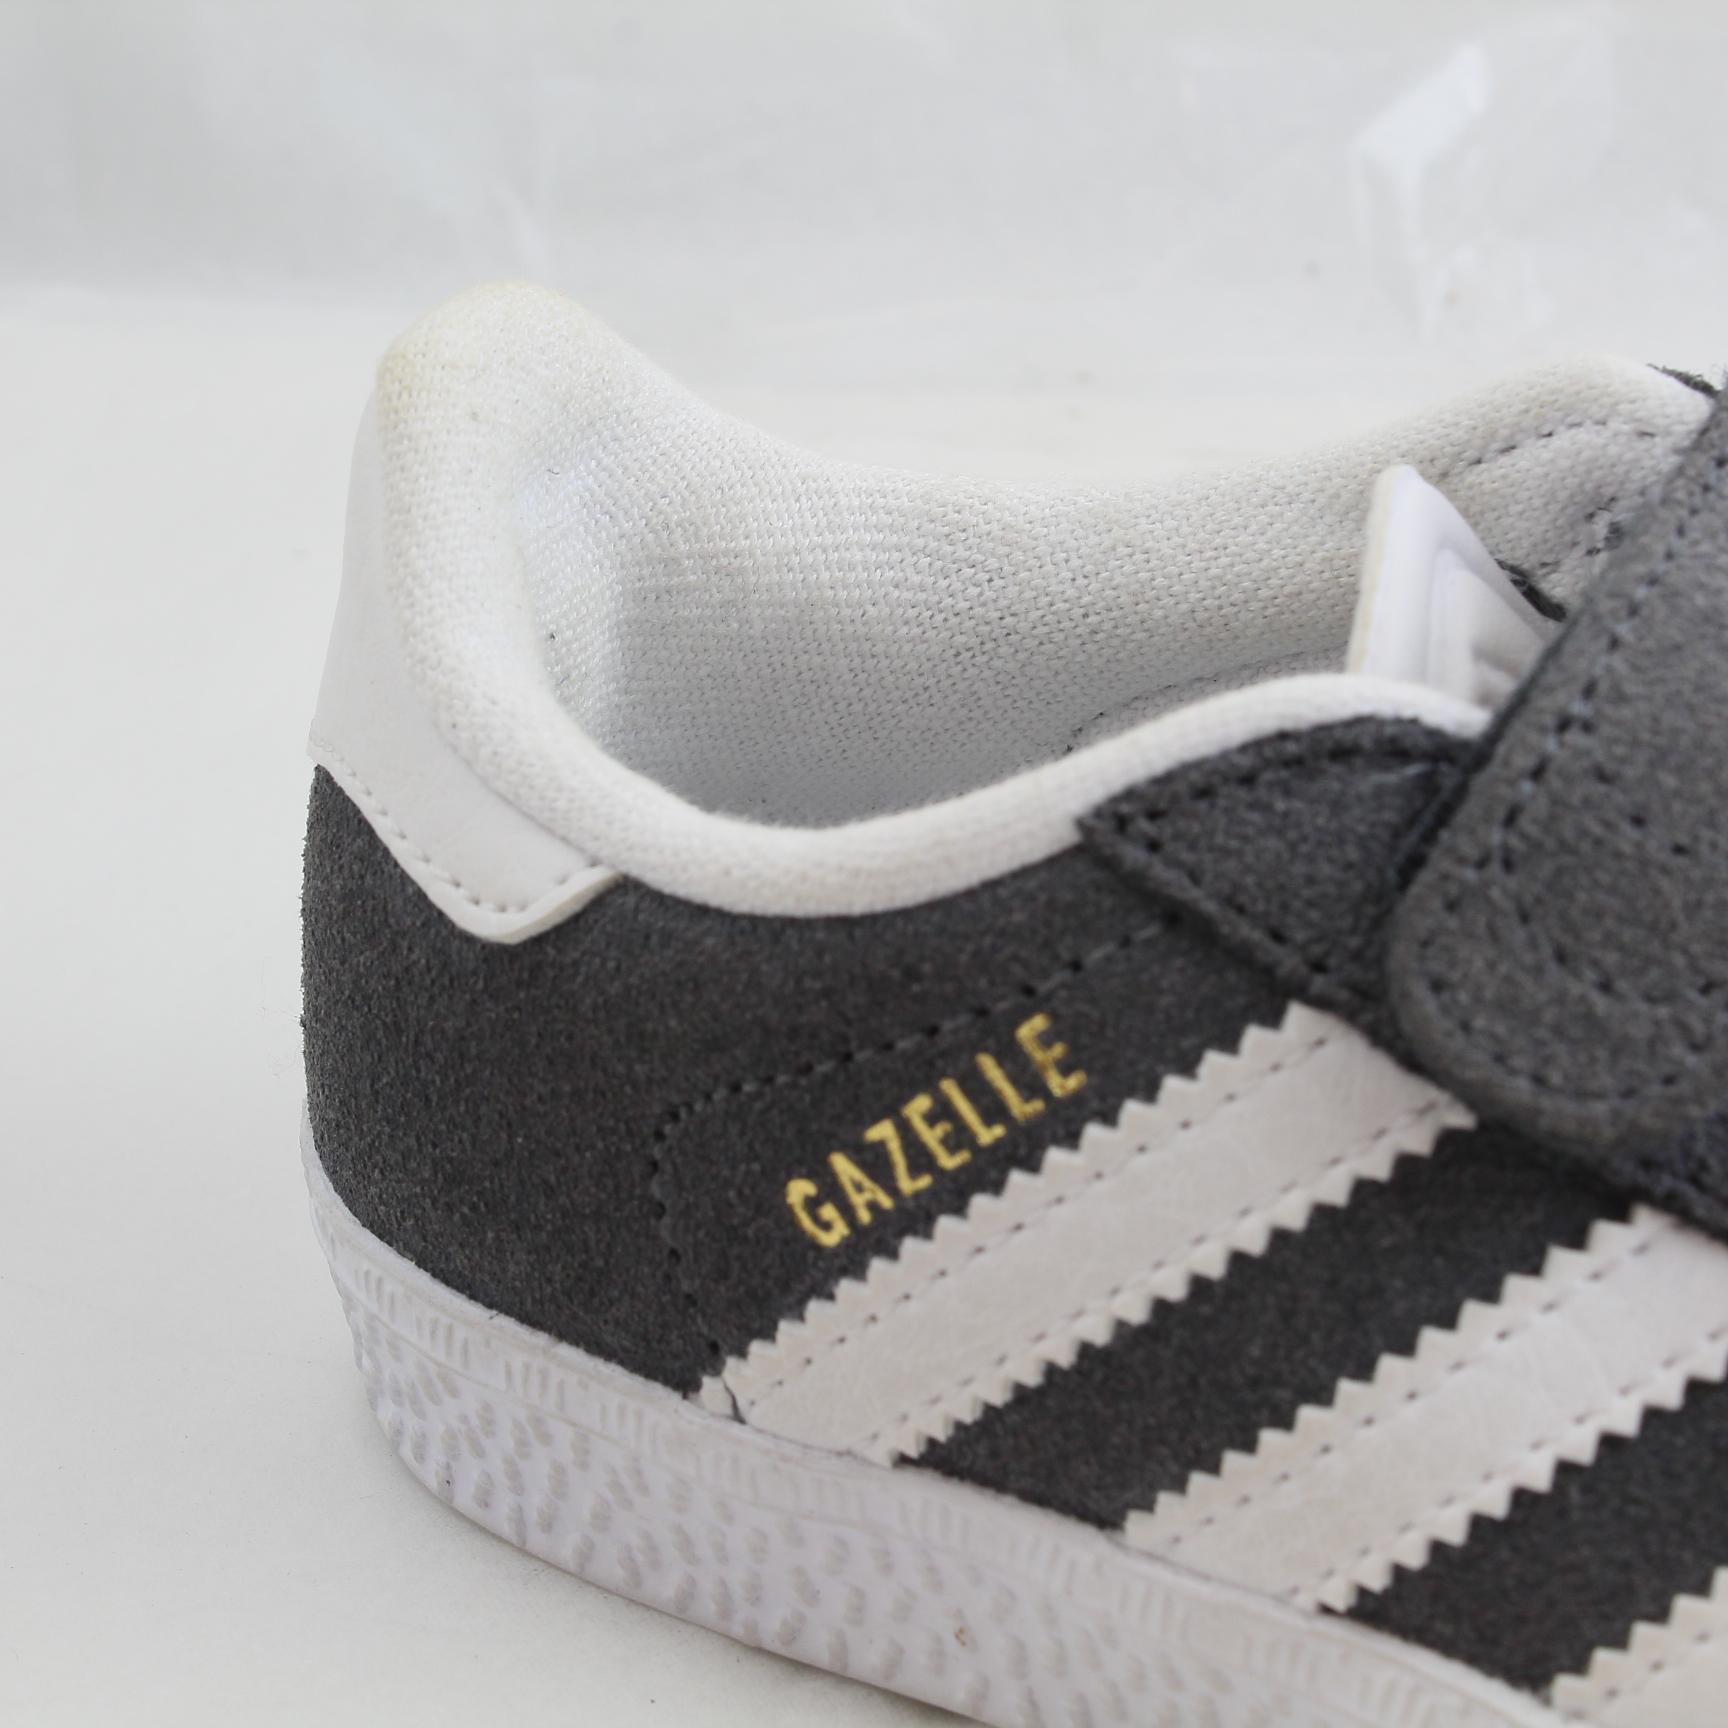 SENTINEL Bambini Adidas grigio camoscio gancio e Loop Fastener formatori  taglia UK 6 infante   Ex- 3e567ad0756